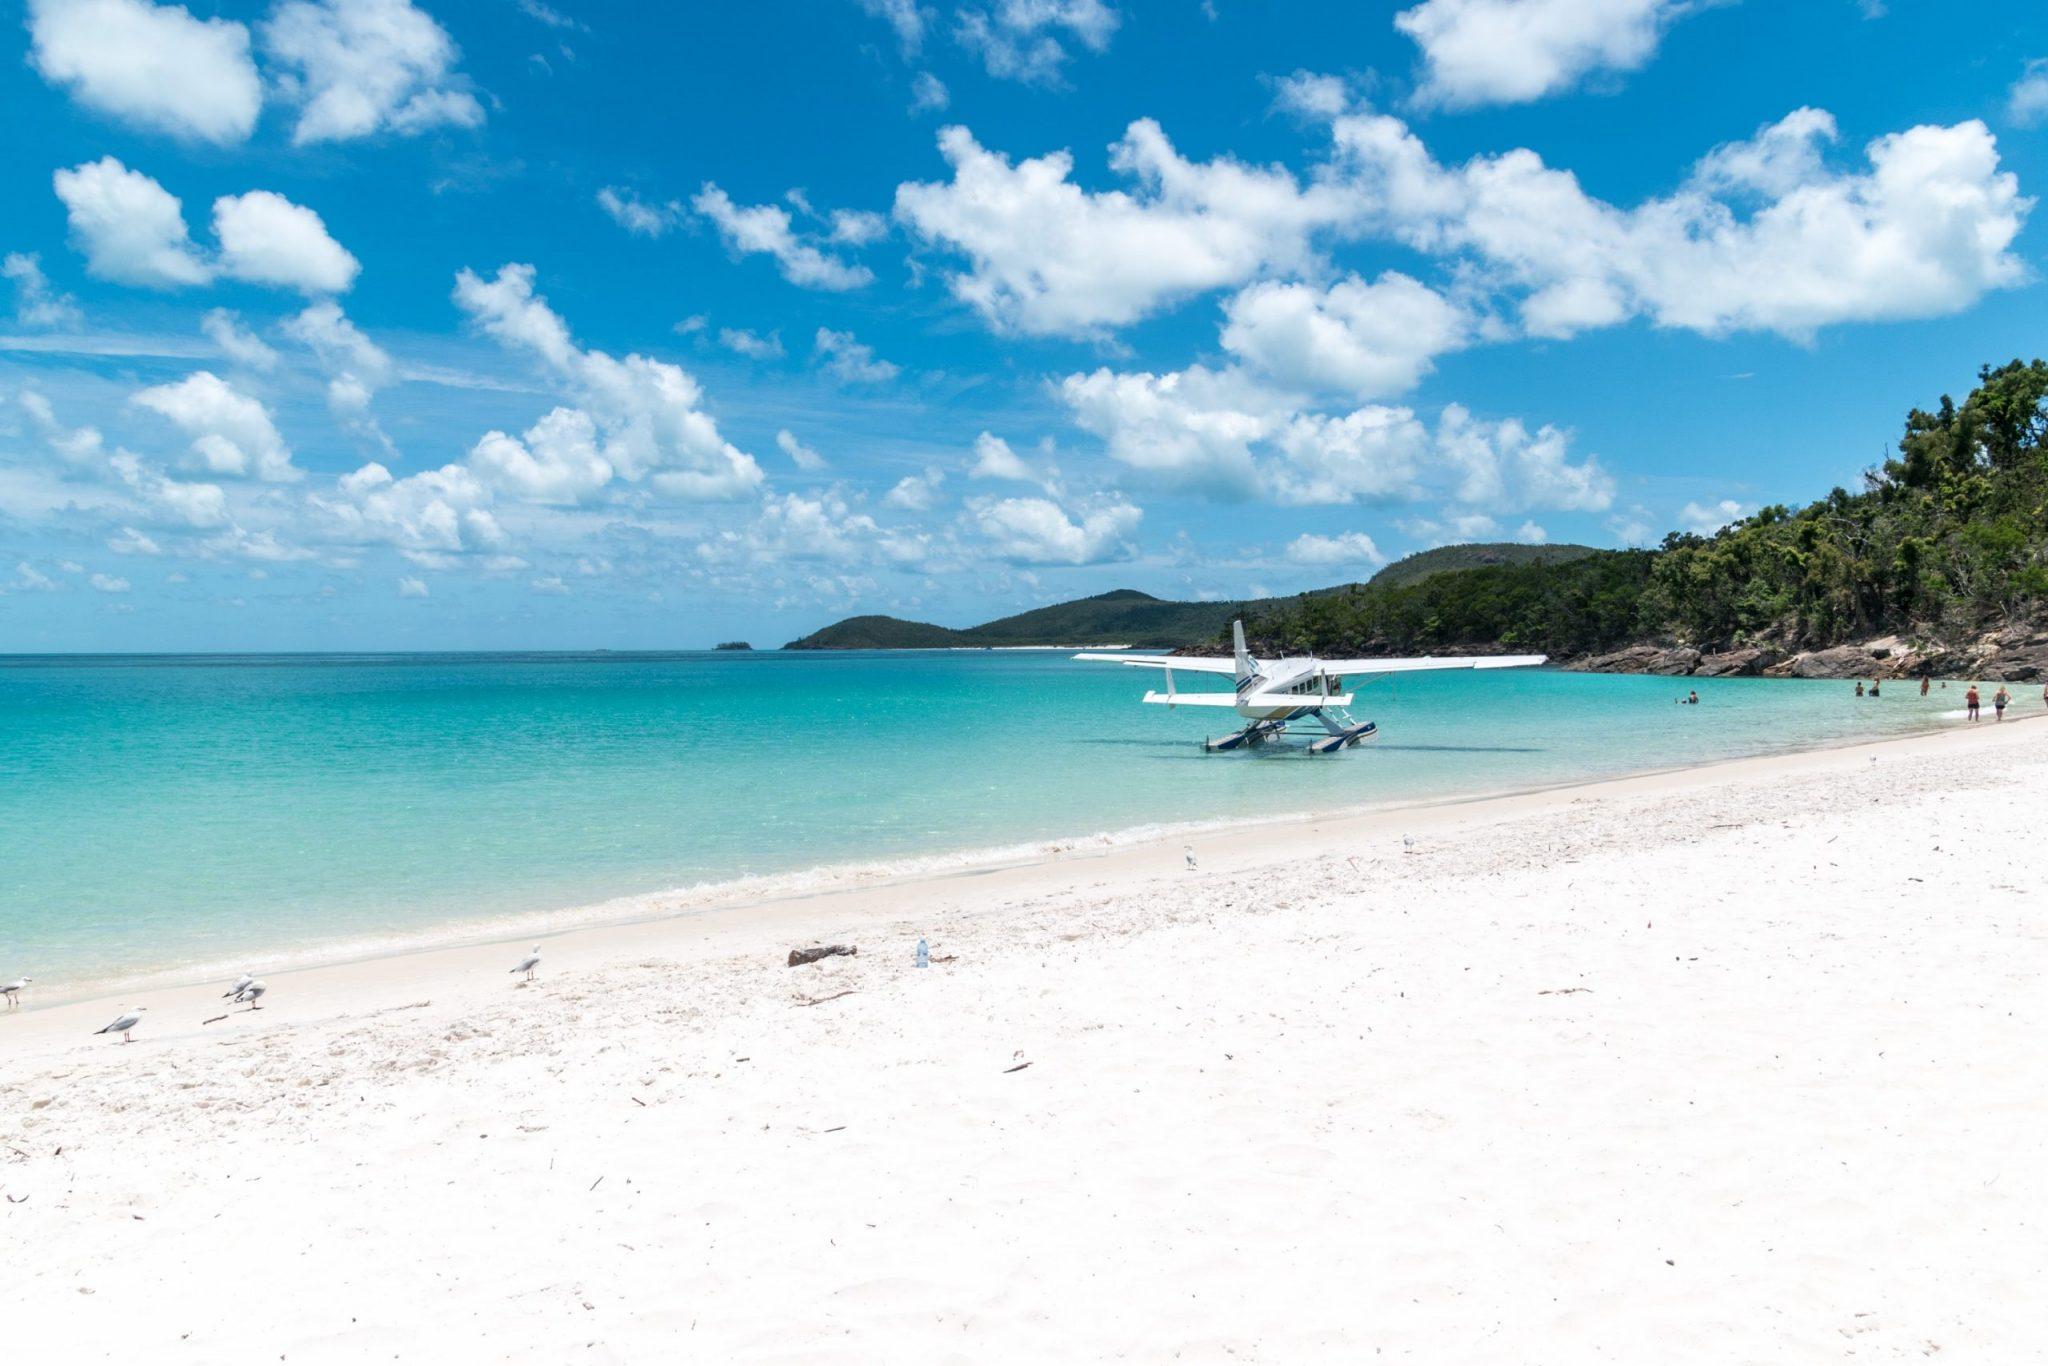 Plavba jachtou po ostrovech Whitsundays